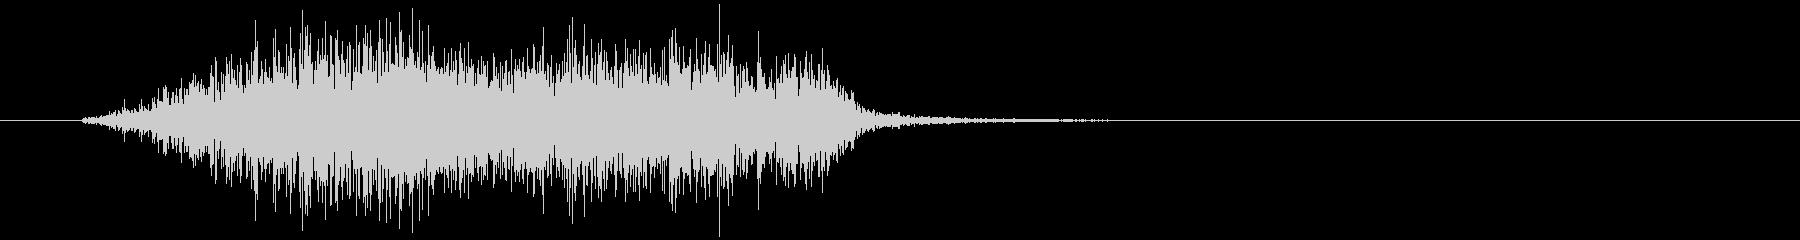 中型サンドブロック:中型スクラッチ...の未再生の波形